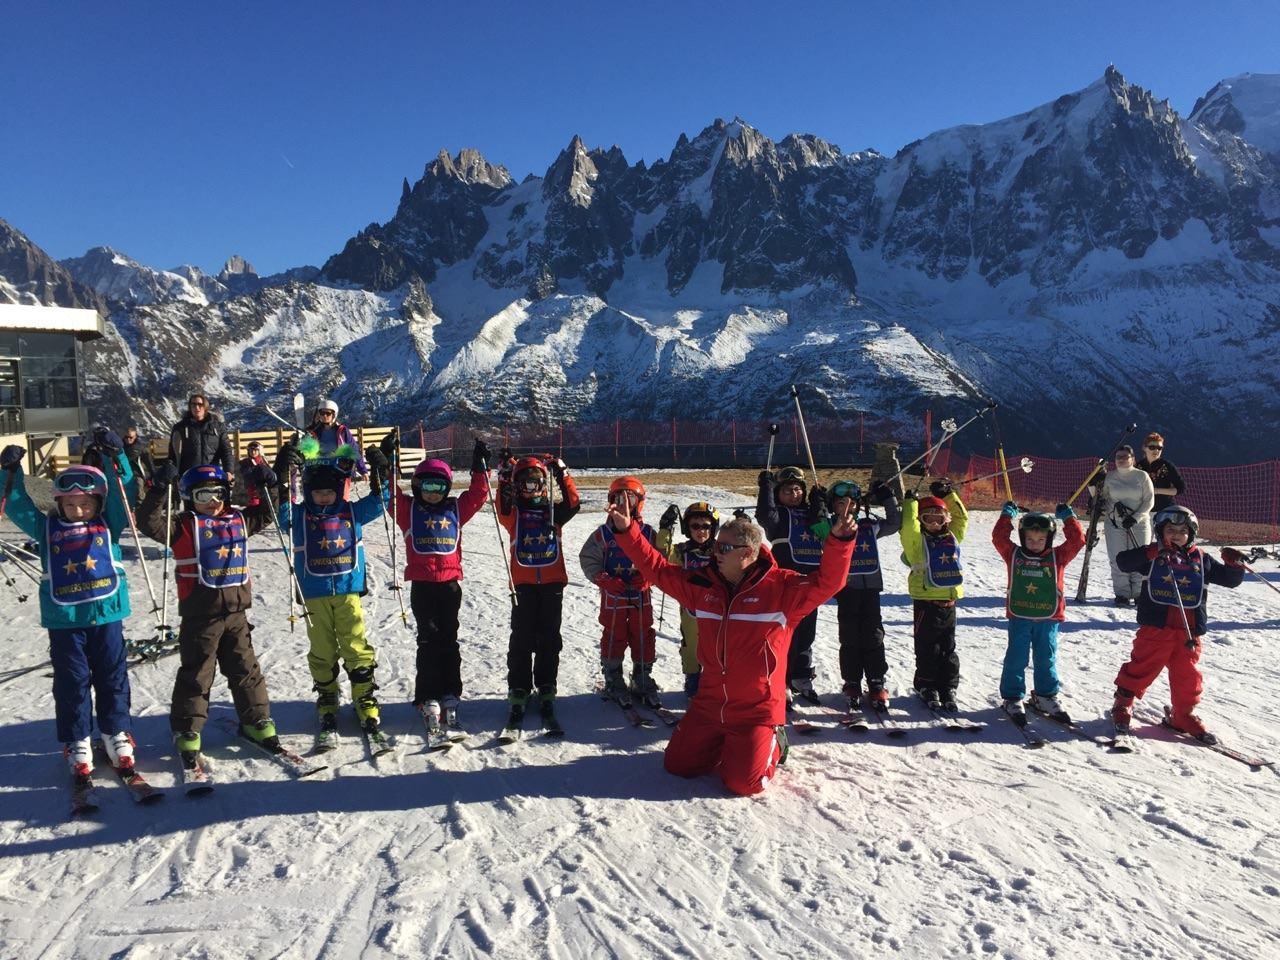 Cours de ski pour Enfants (5-12 ans) à Chamonix/Savoy